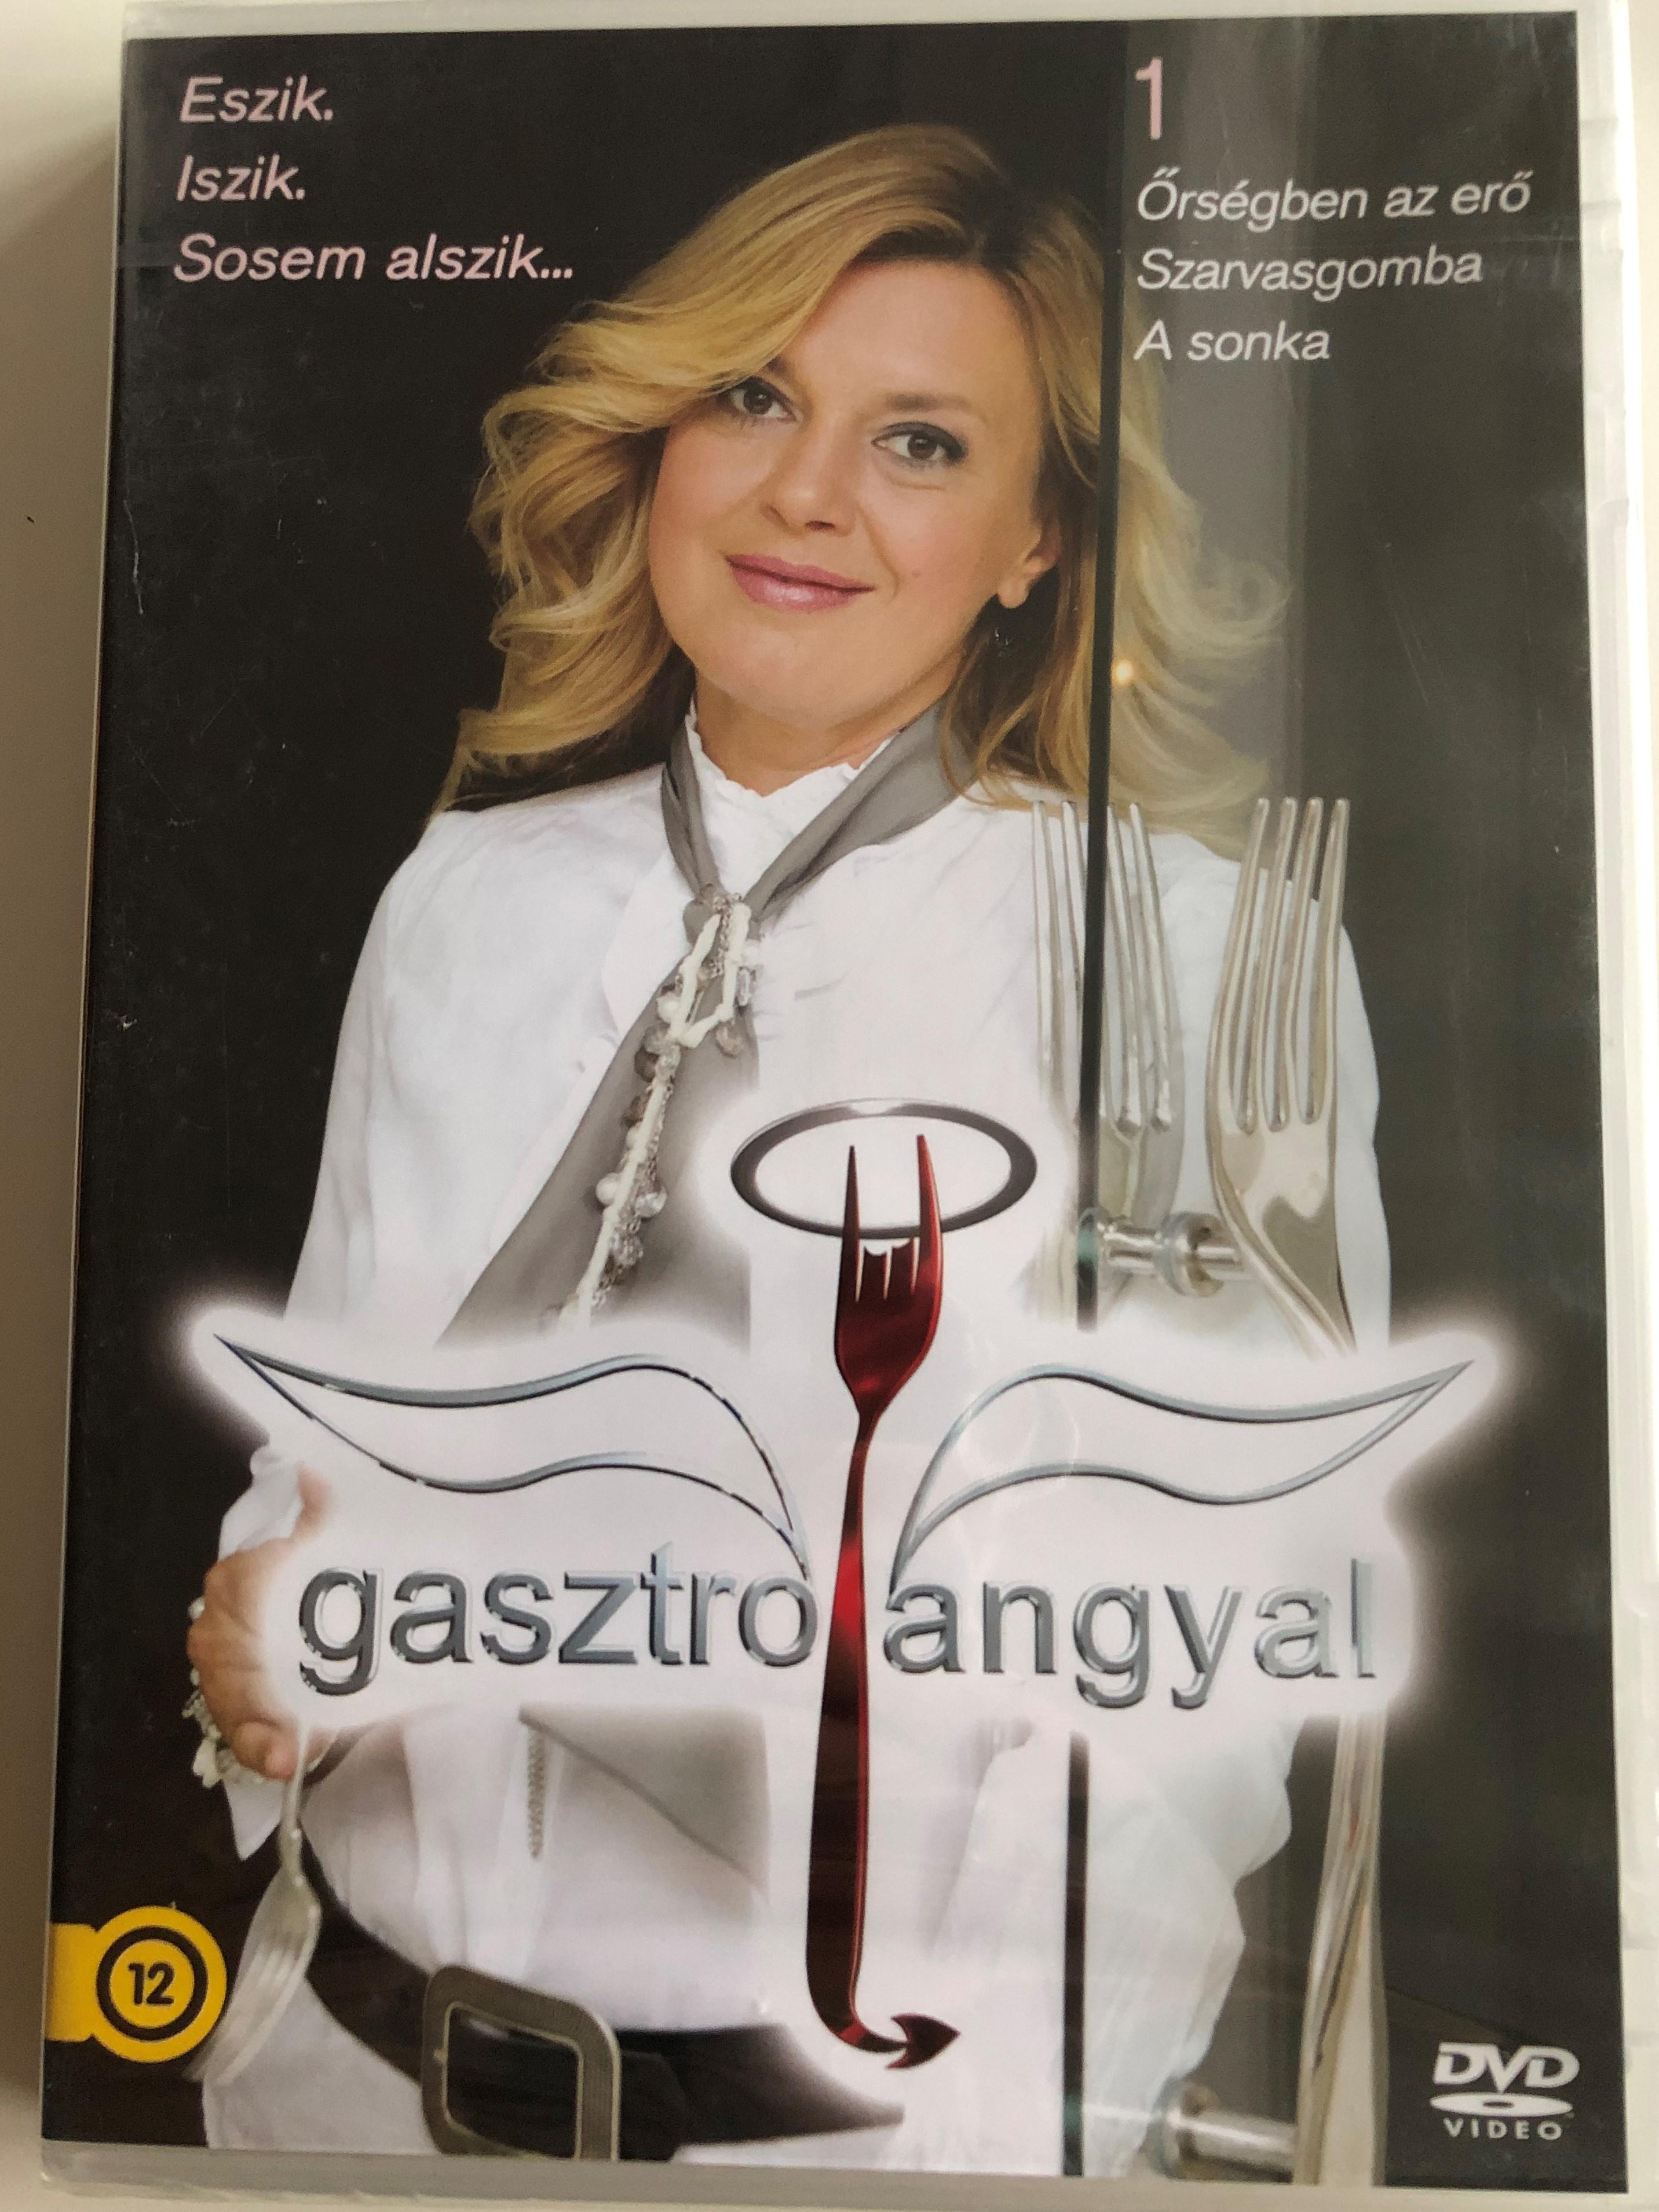 gasztro-angyal-1.-dvd-eszik.-iszik-sosem-alszik-1.jpg